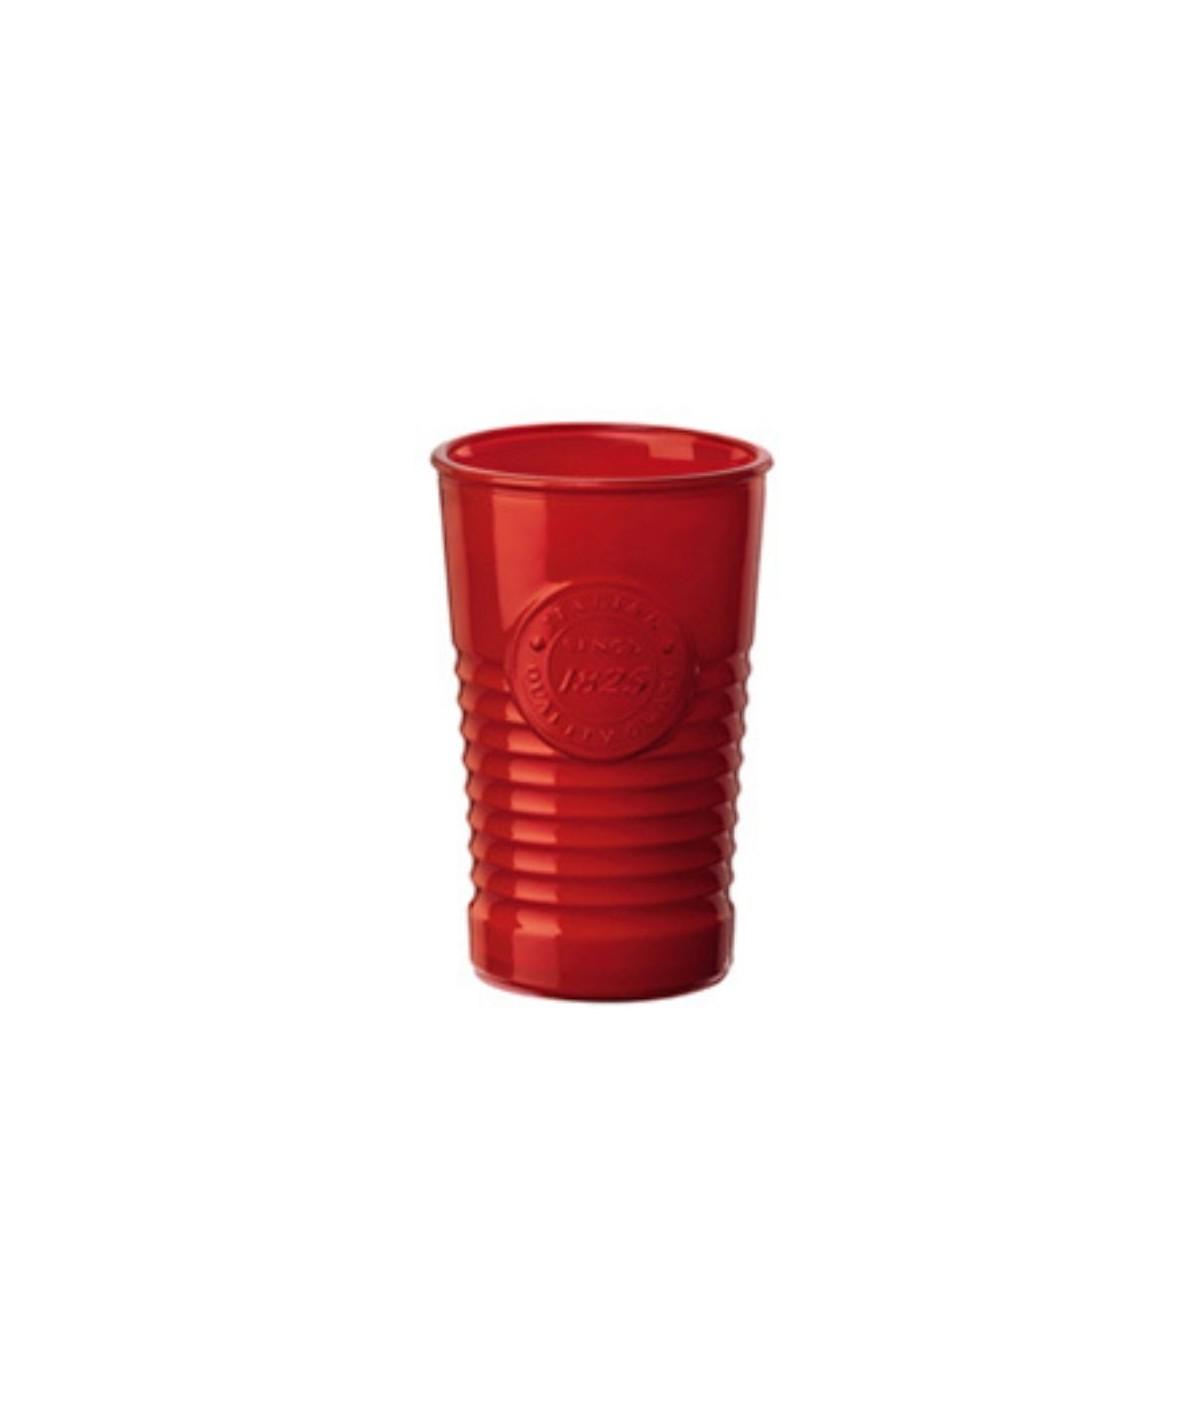 Bicchieri in ceramica rossi...